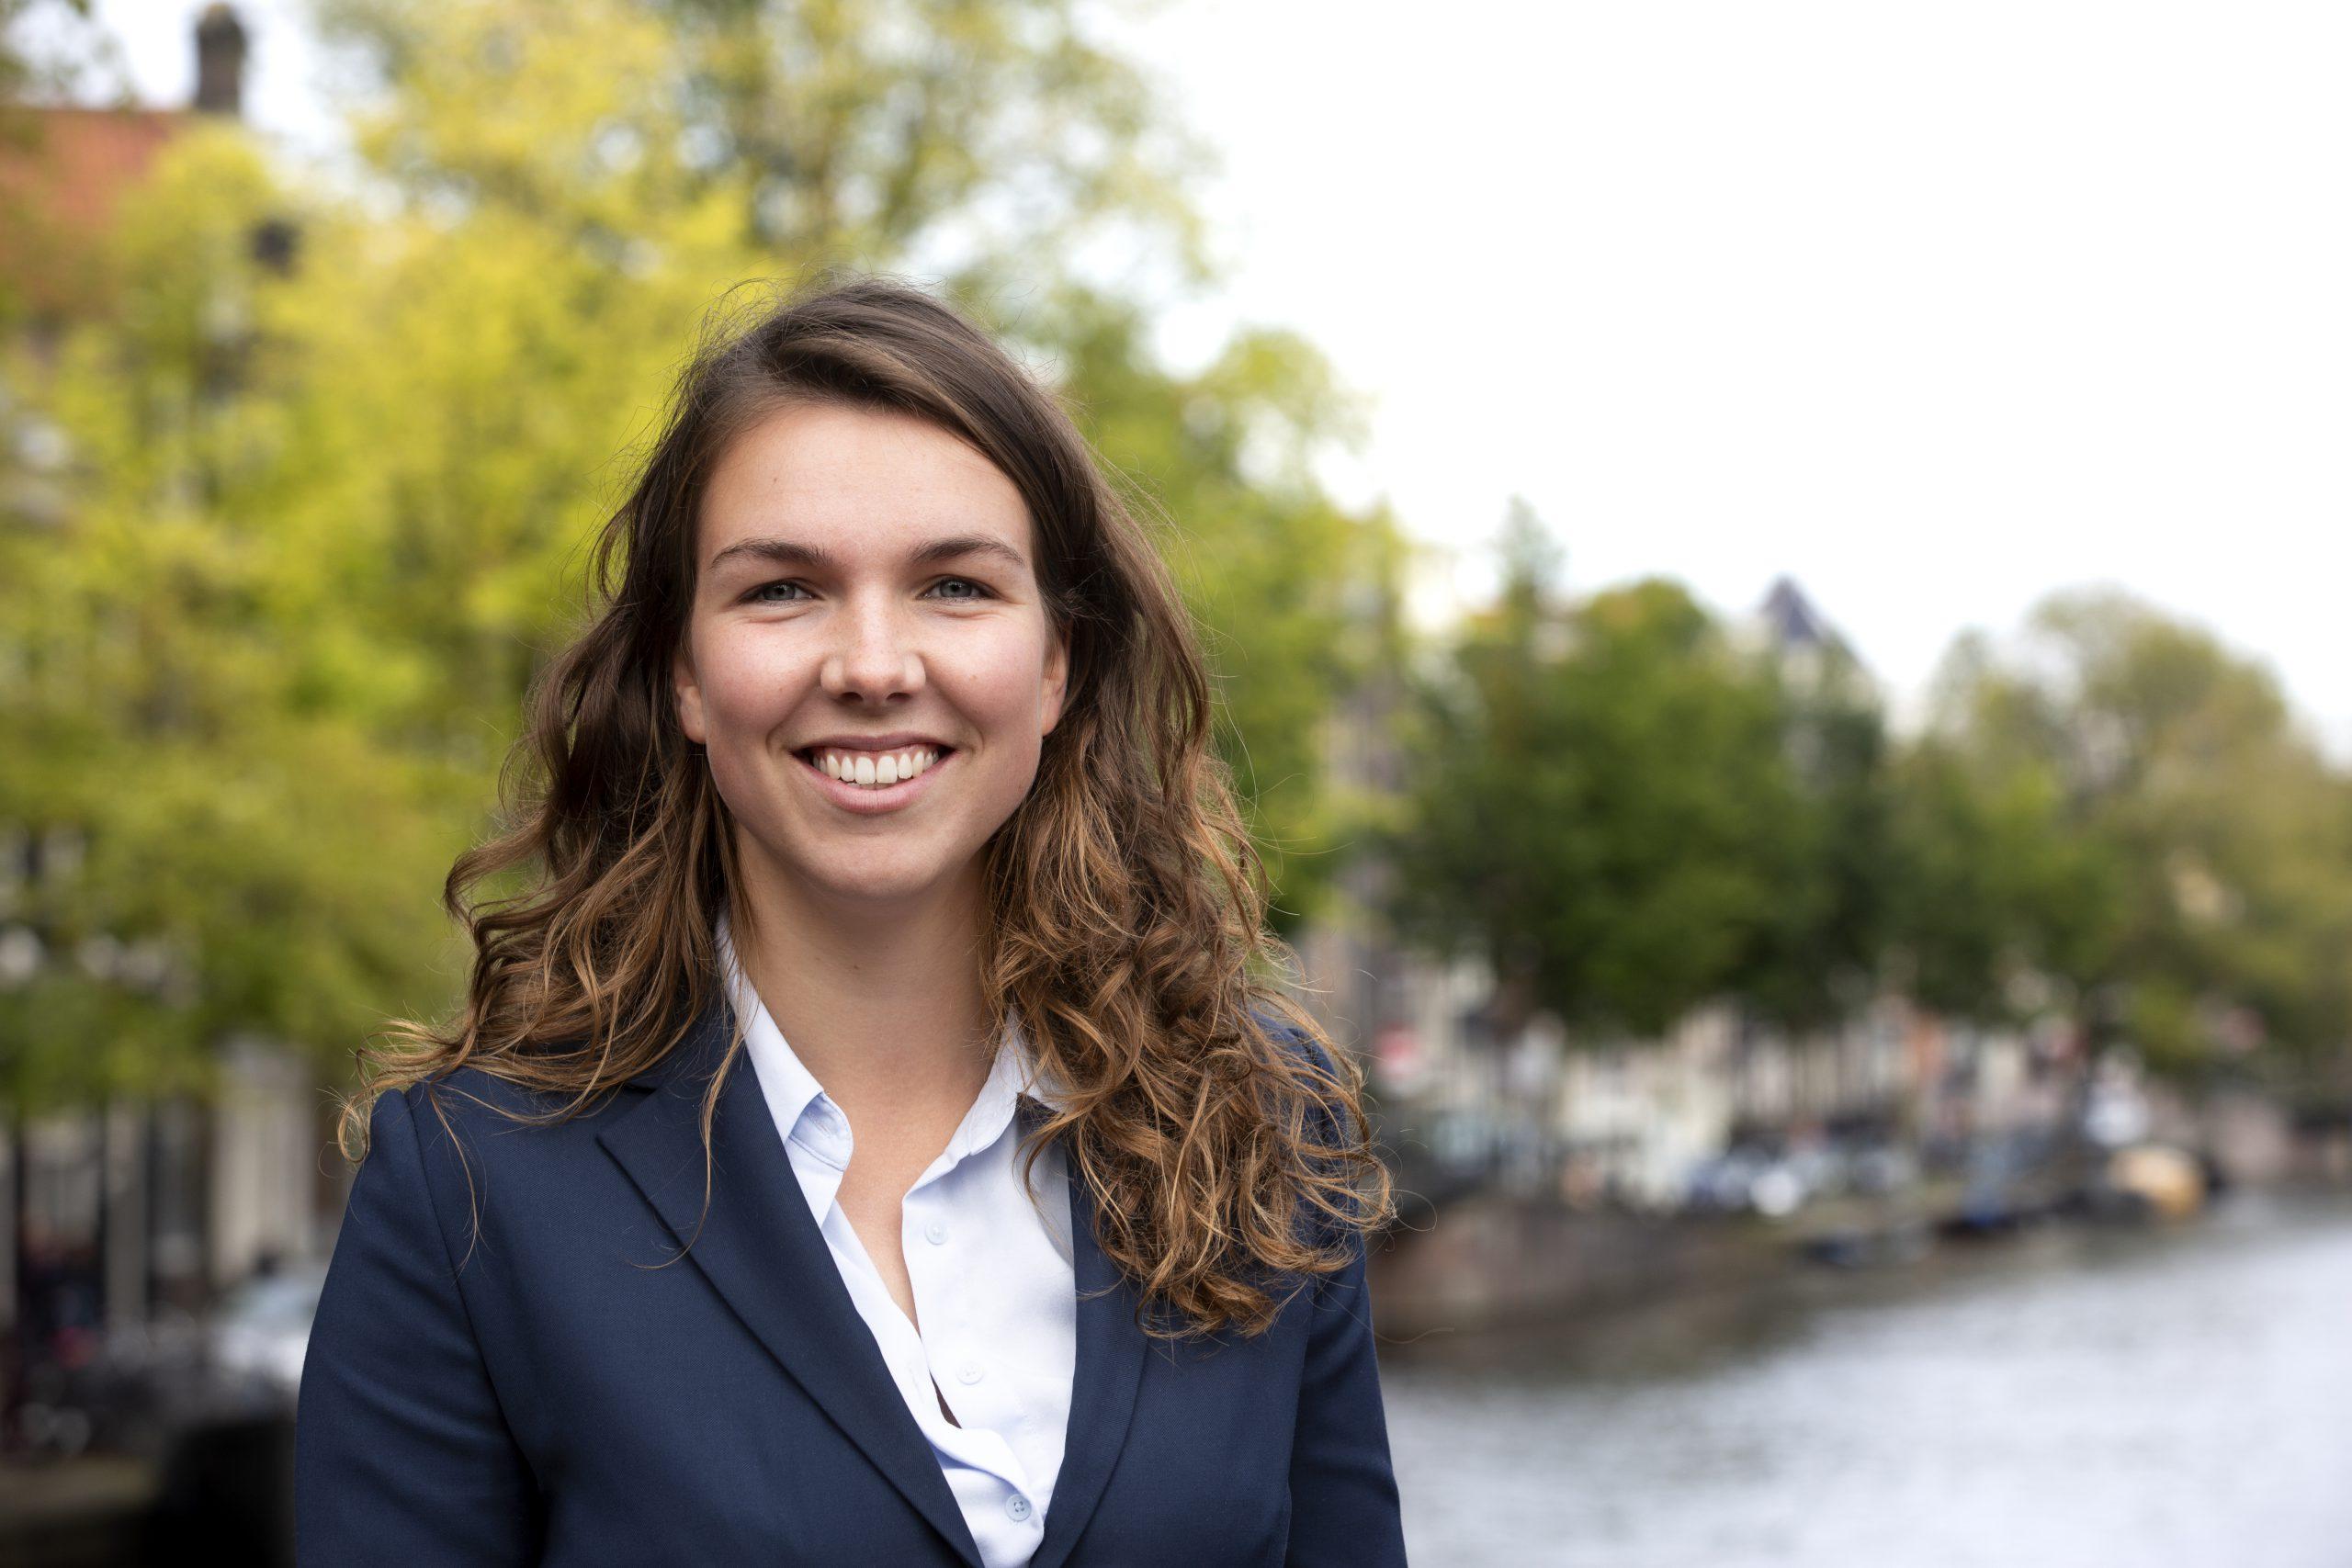 Maura van der Linden